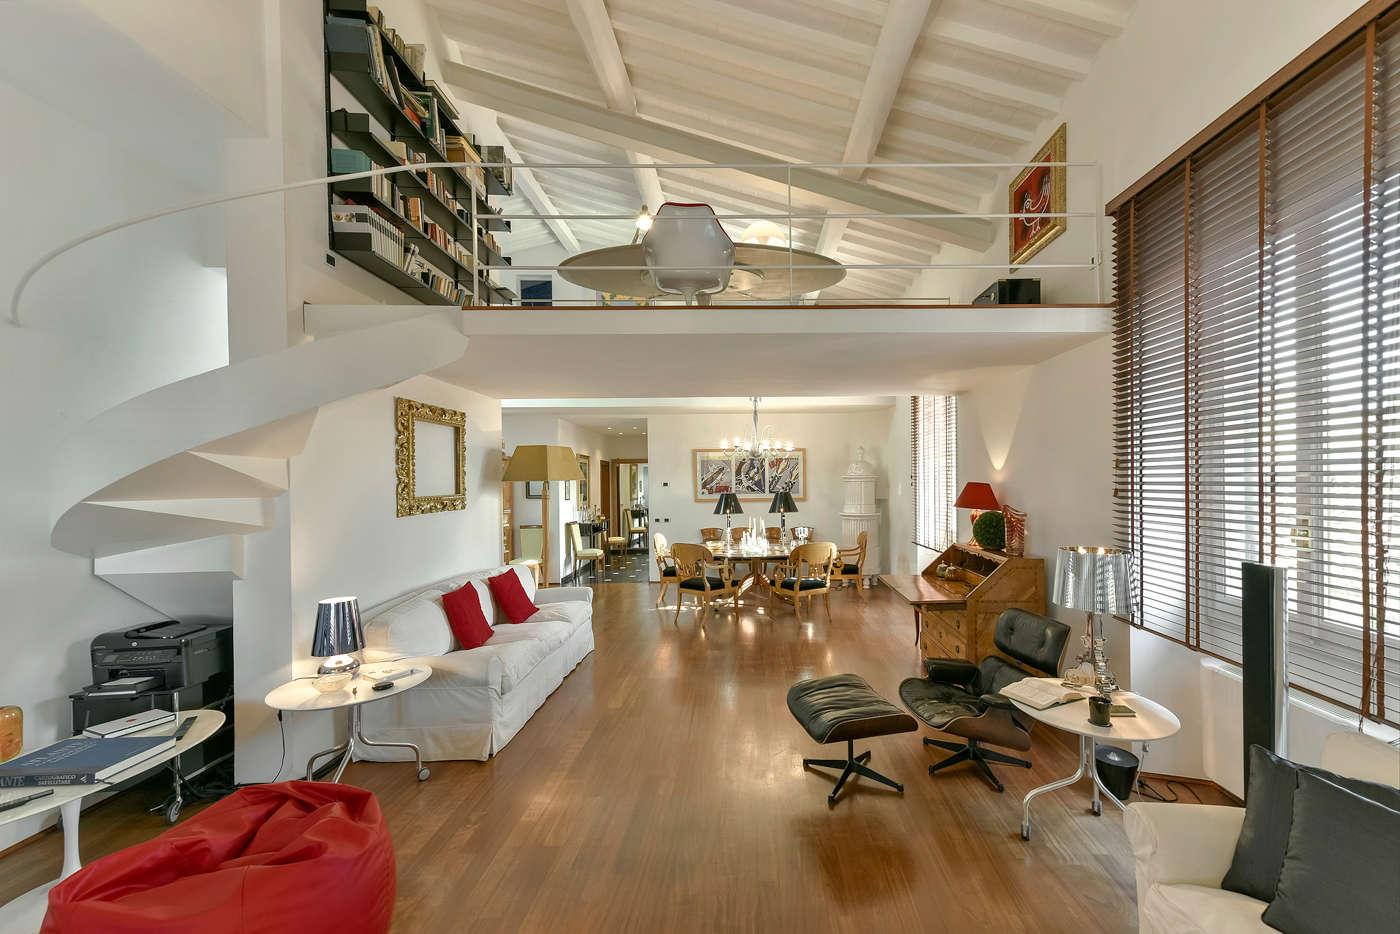 Luxury vacation rentals europe - Italy - Tuscany - Florence - Giorgina - Image 1/14